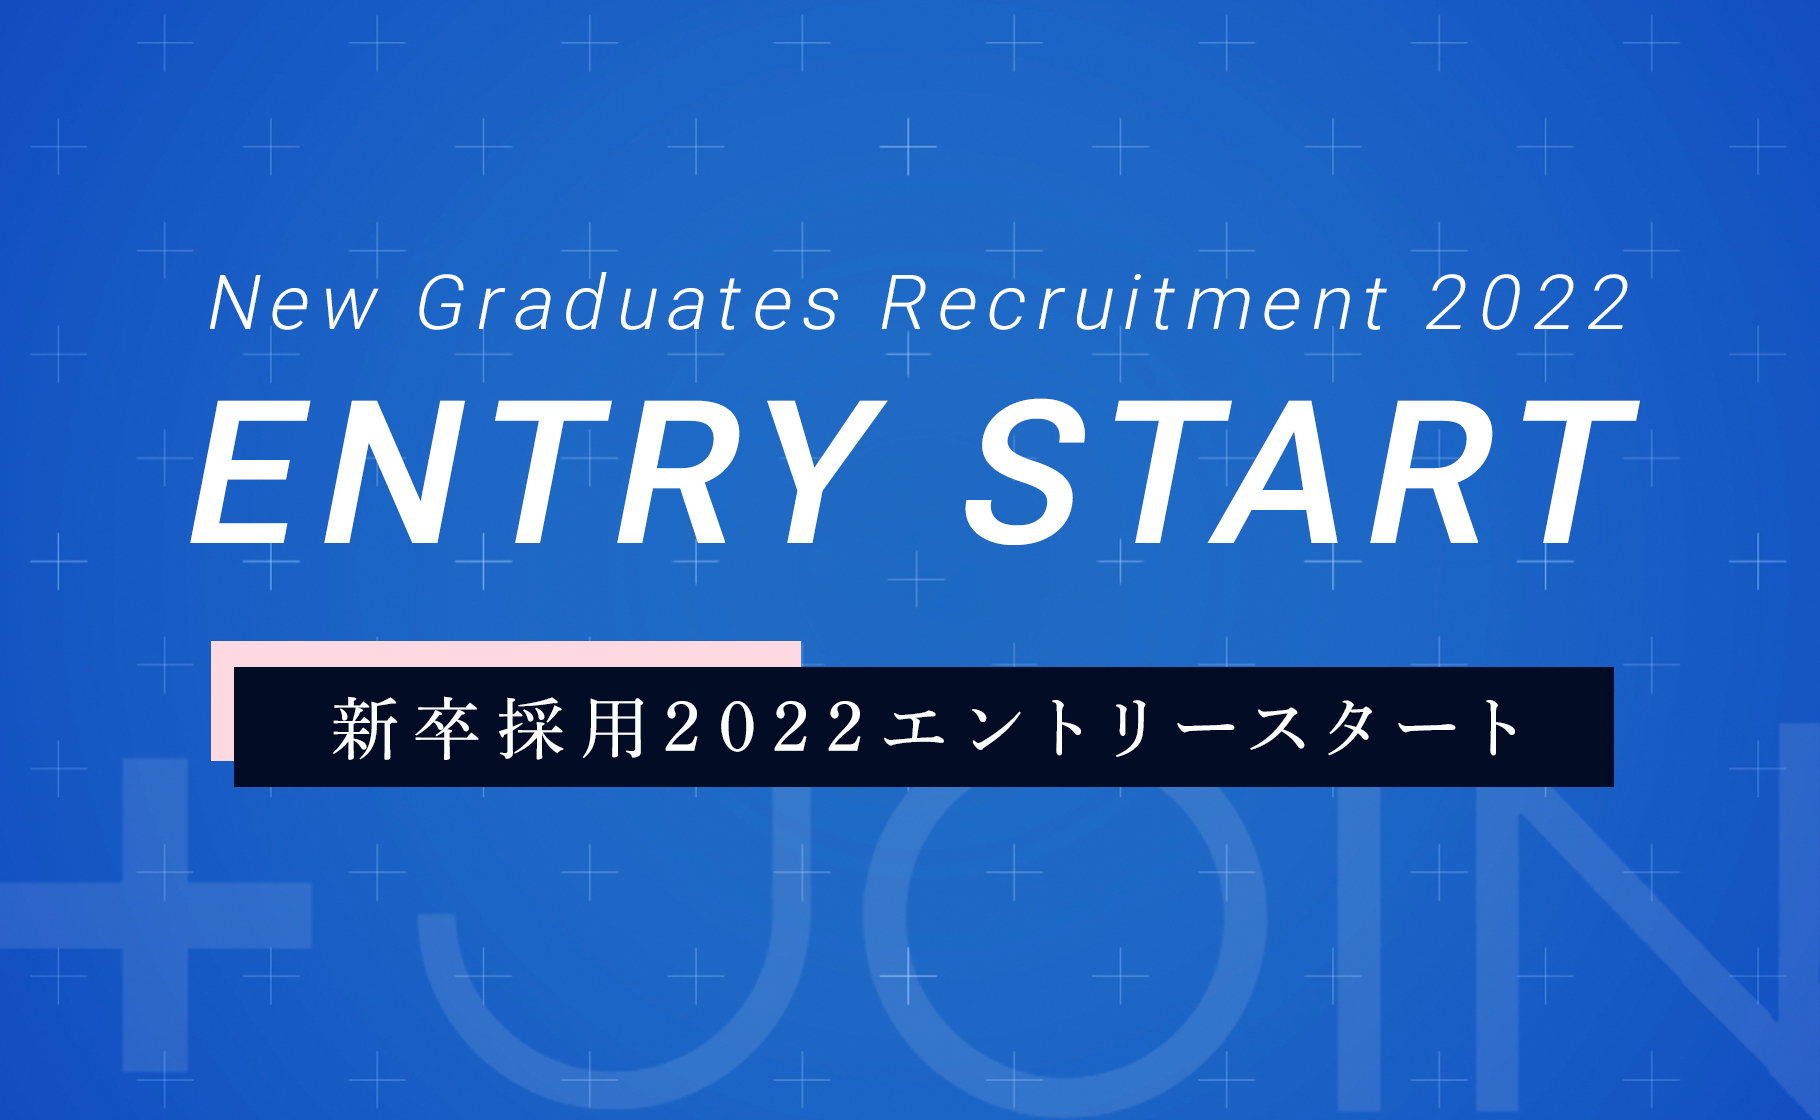 2022年度新卒採用のエントリー受付スタート!